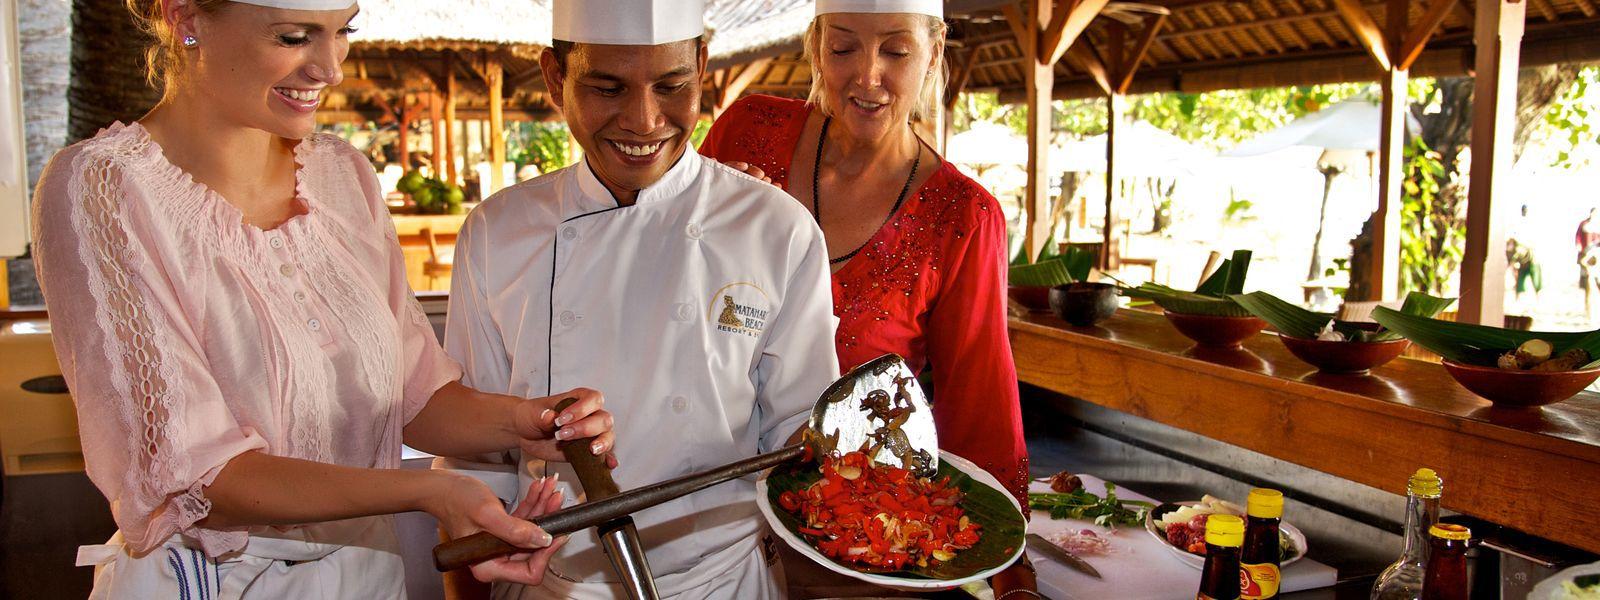 Gäste und Koch auf Bali kochen traditionell (Matahari)